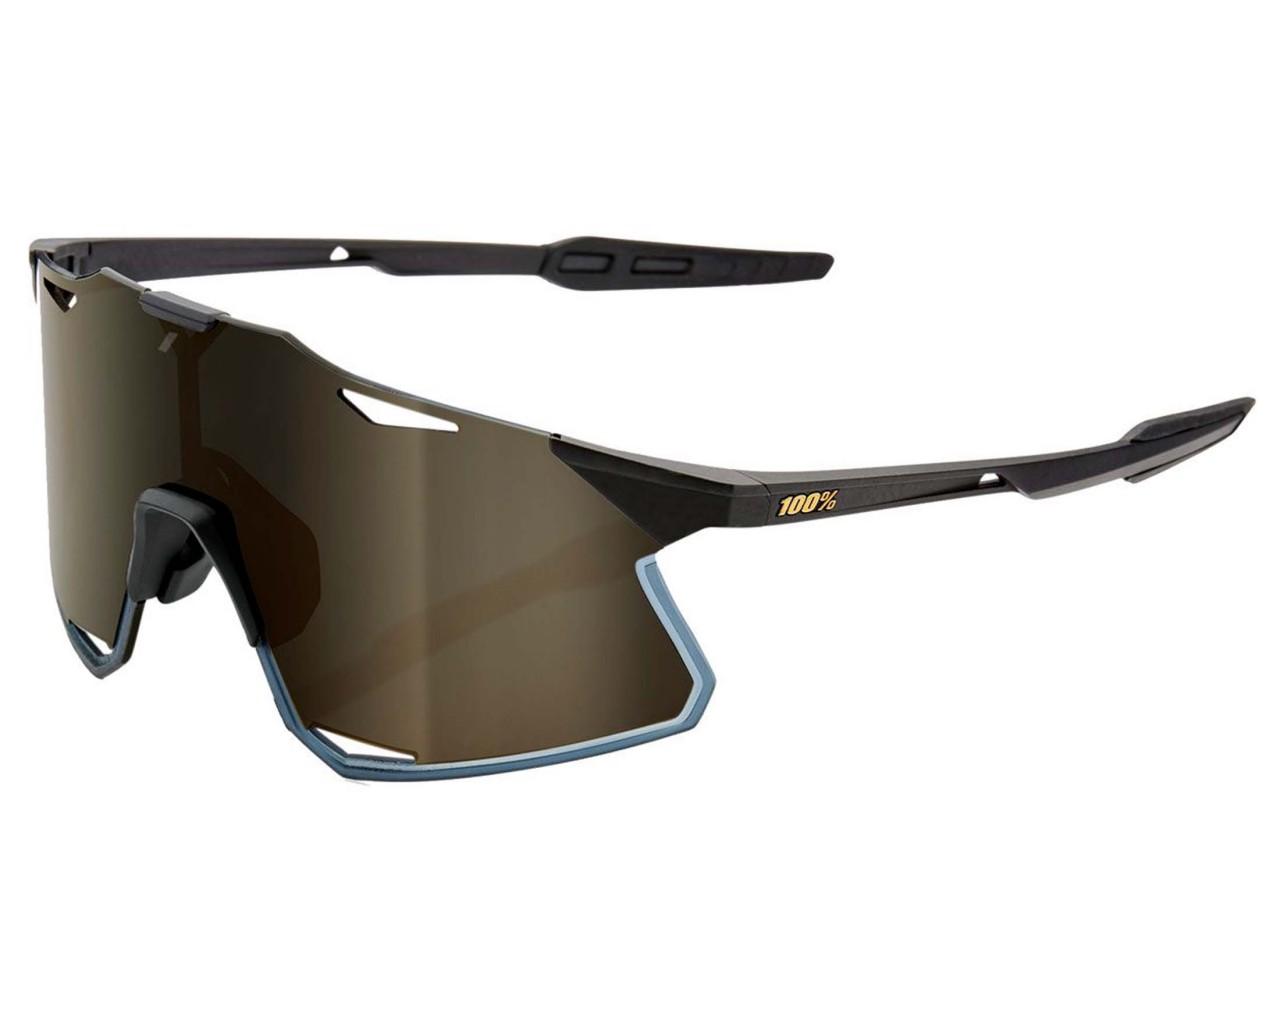 100% Hypercraft Mirror Lens Sunglasses | matte black